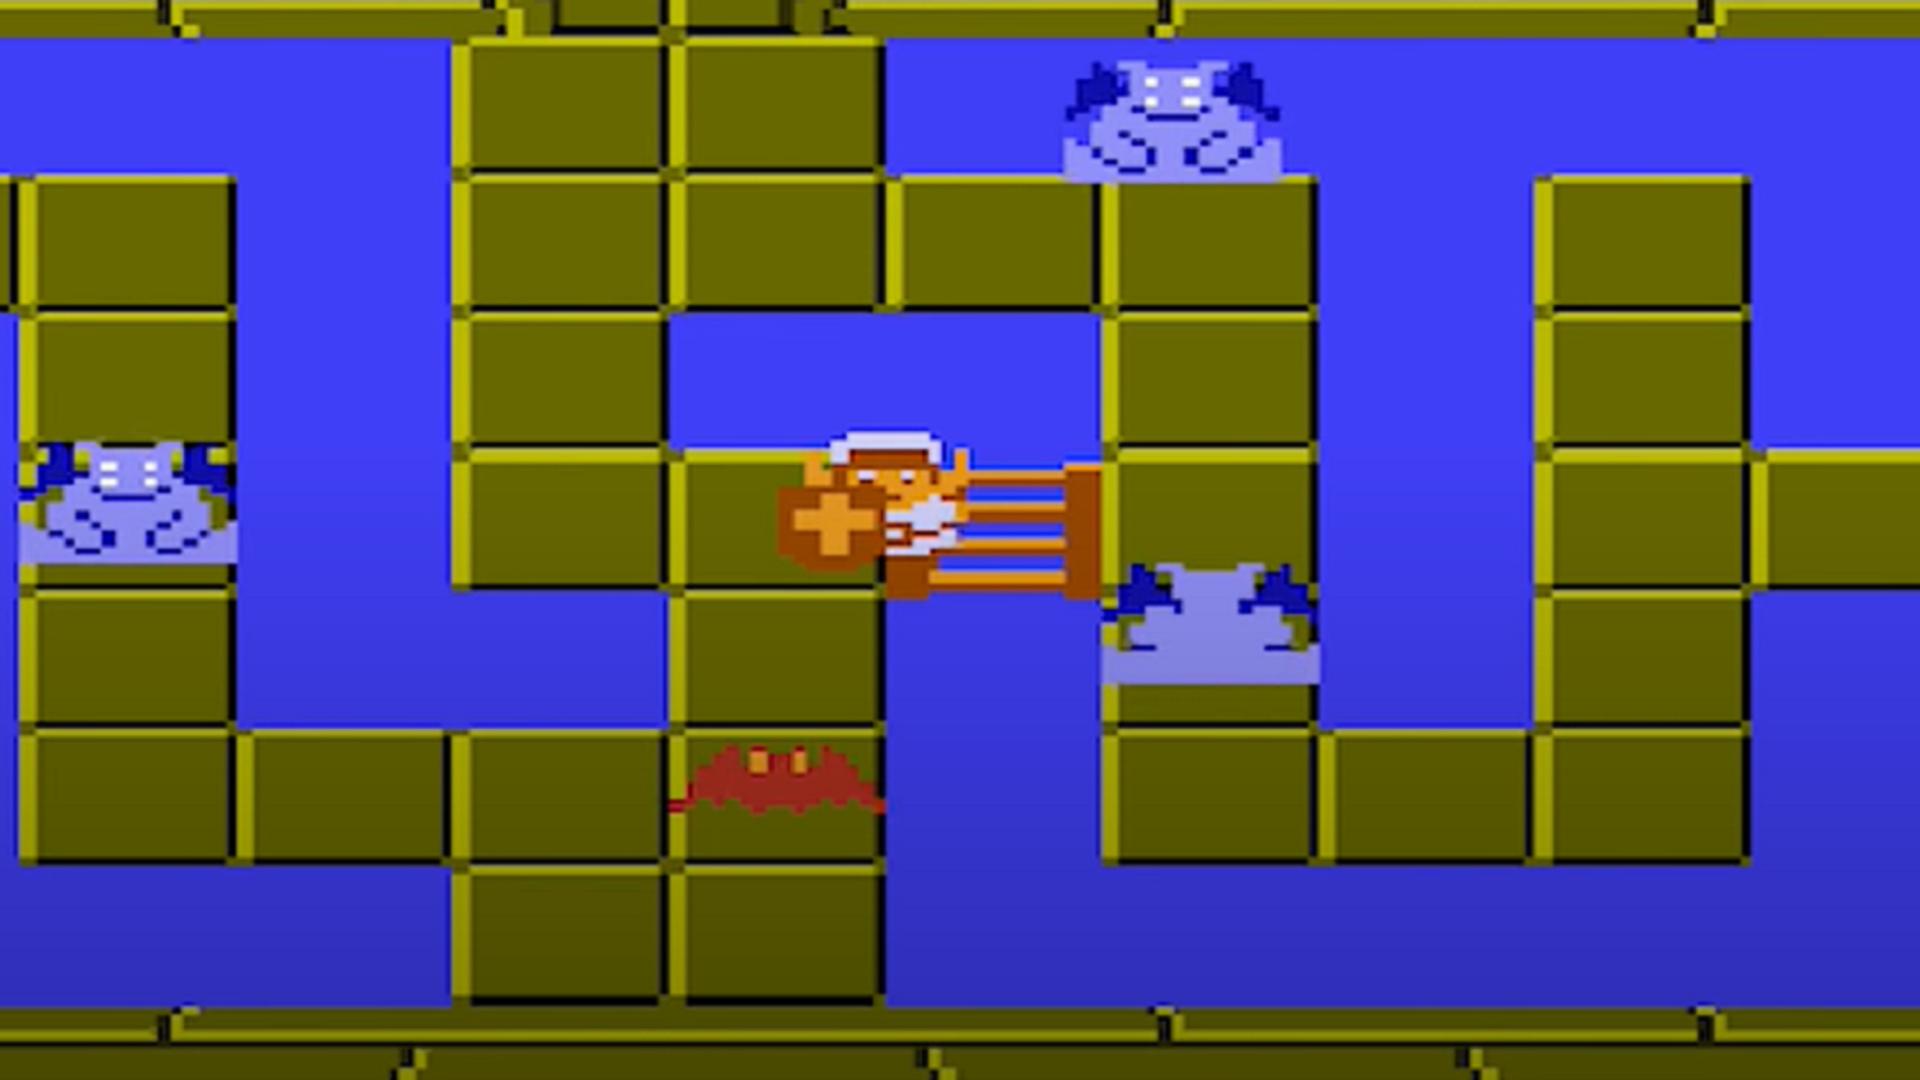 La leyenda de Zelda, captura de pantalla - Sputnik Mundo, 1920, 11.07.2021